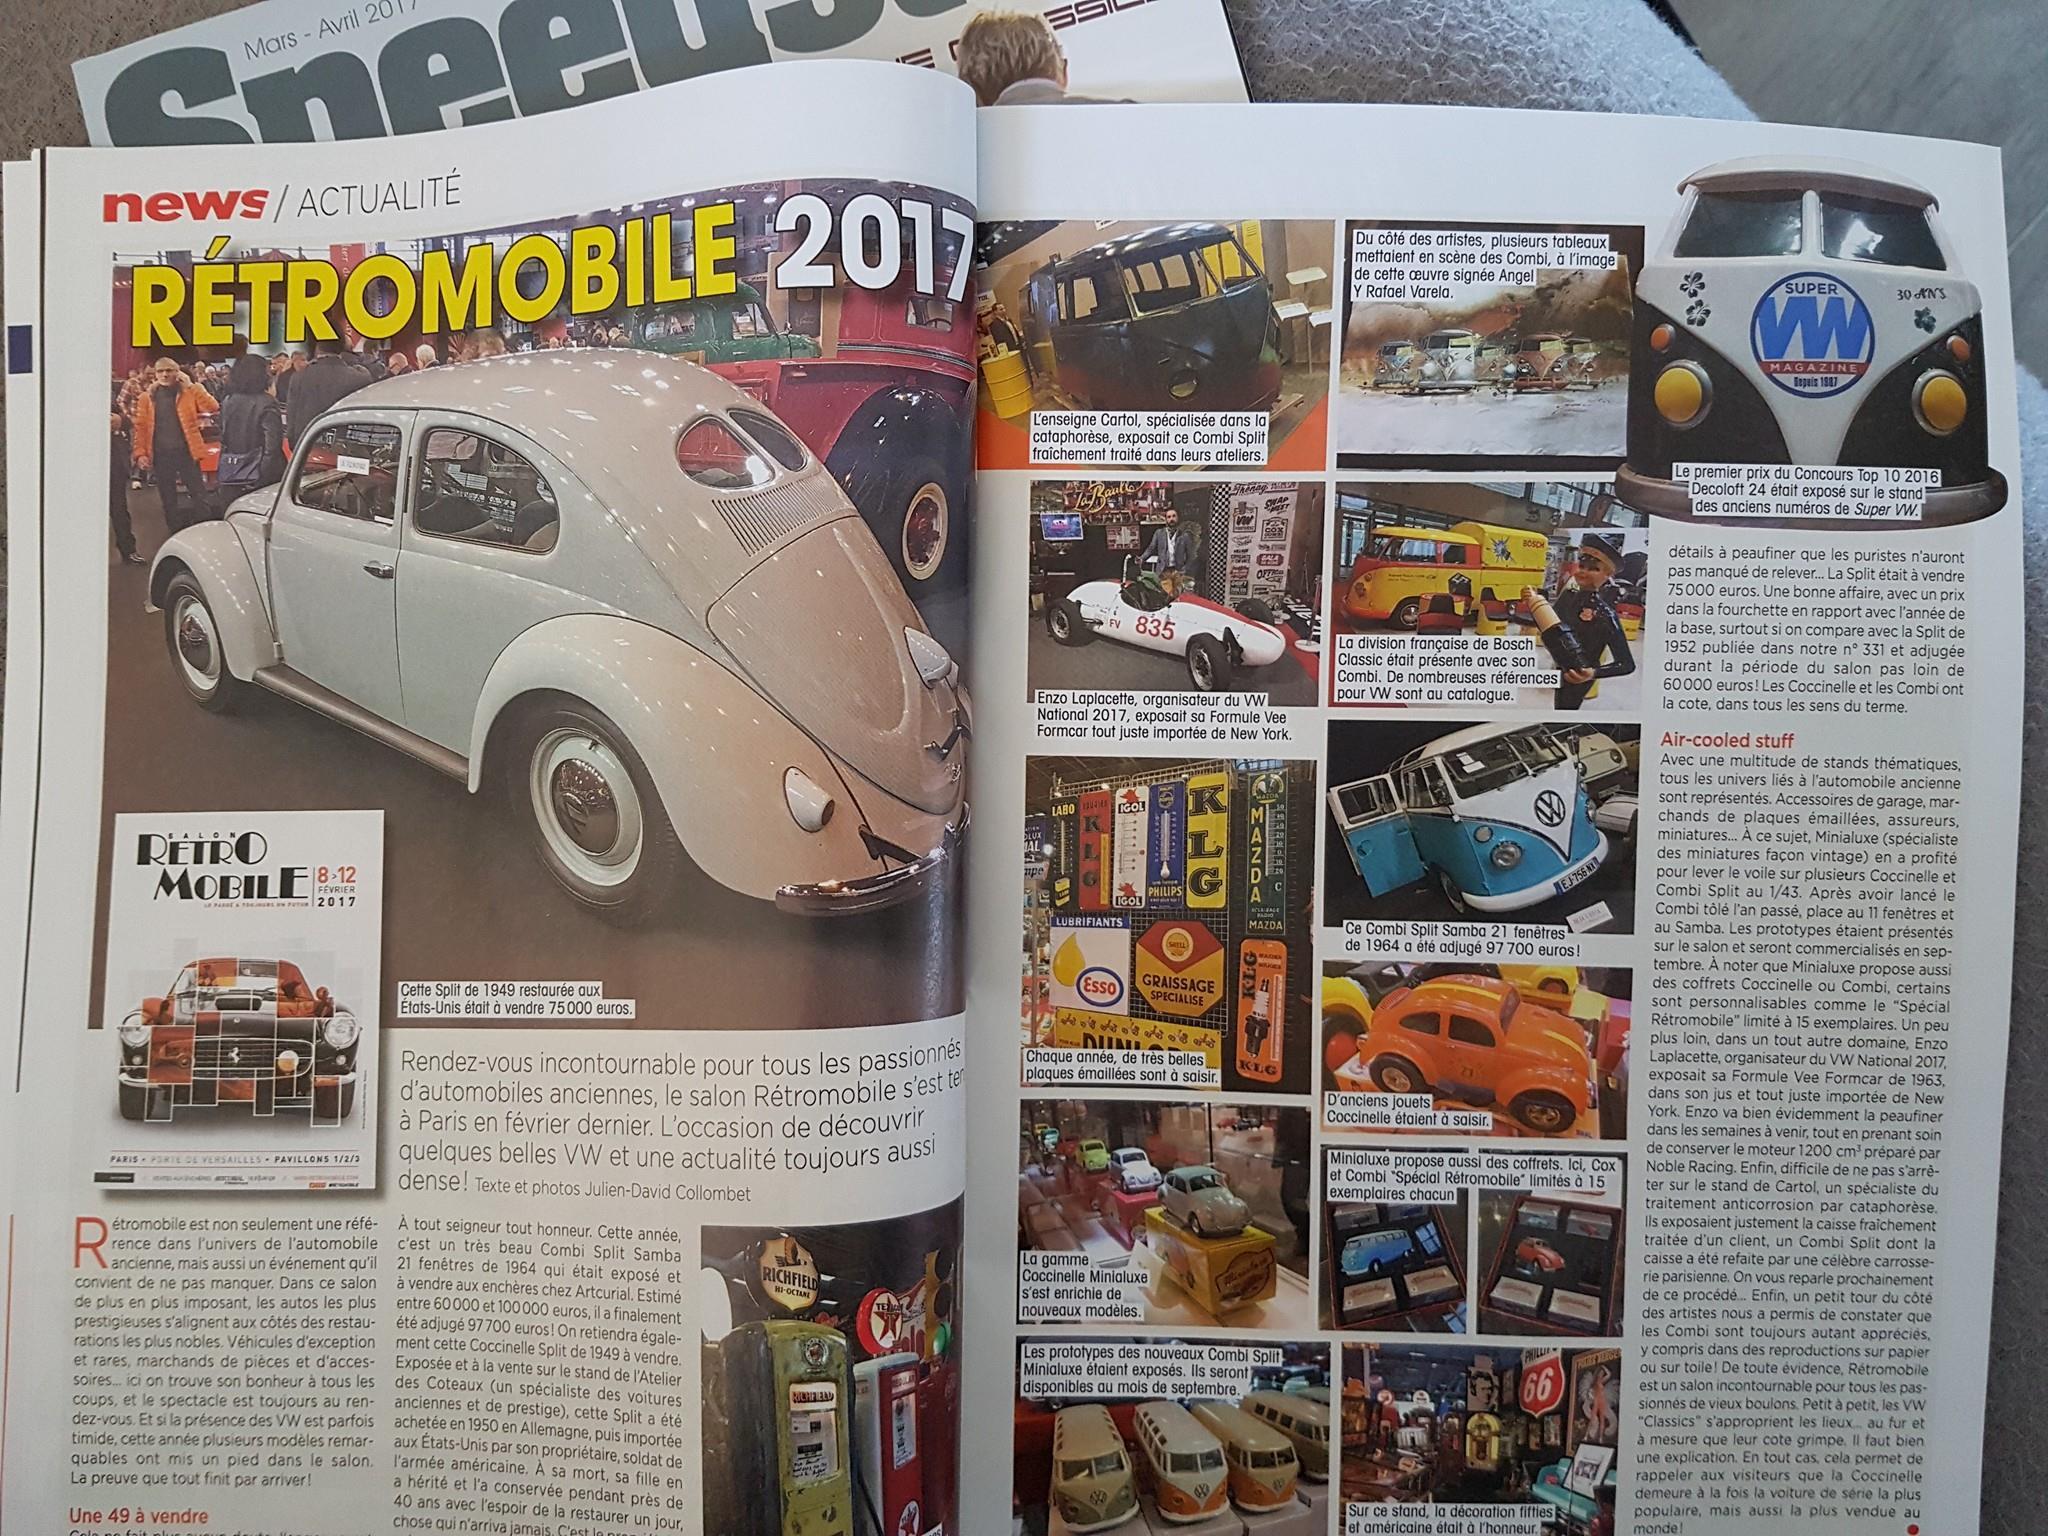 Decoloft 24 à nouveau dans le Super VW Magazine (photo 1er prix)